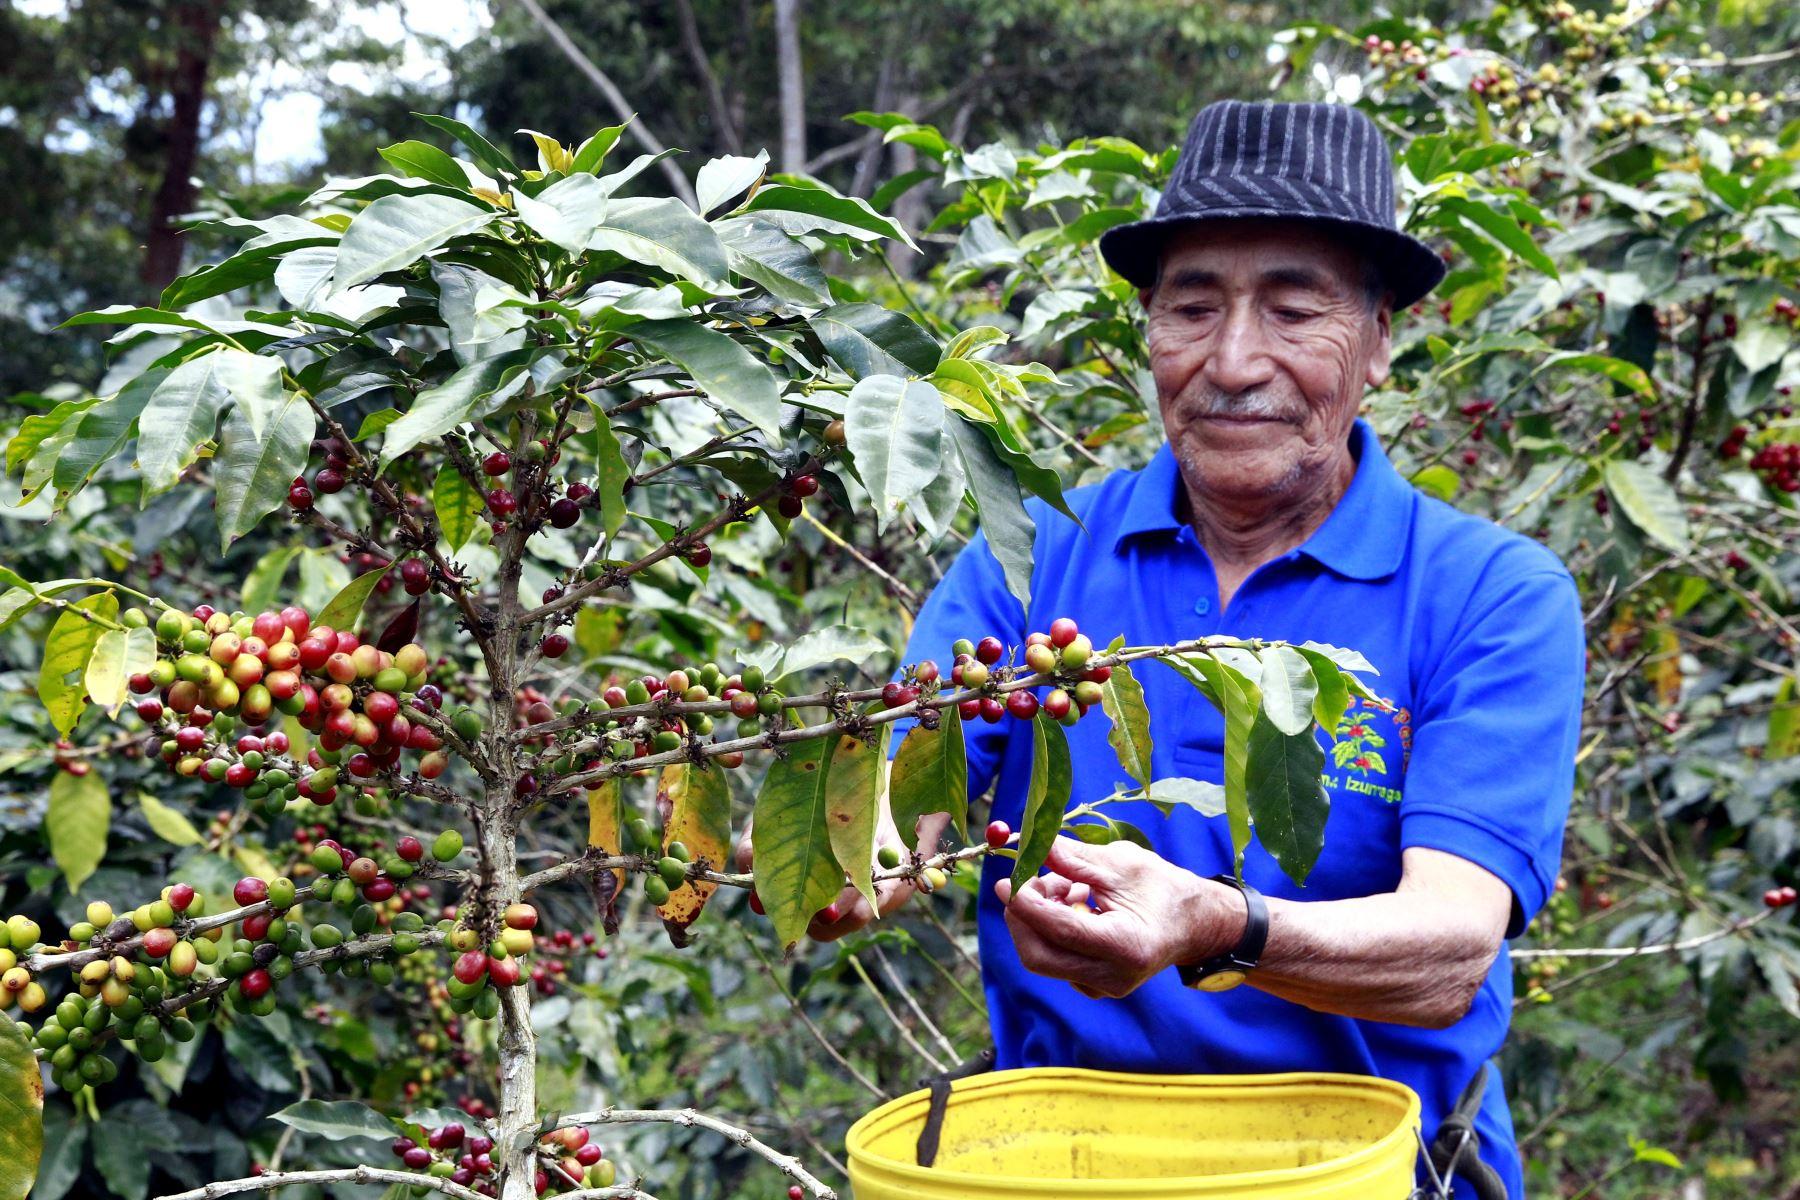 el Sistema Nacional de Evaluación, Acreditación y Certificación de la Calidad Educativa (Sineace) certifica las competencias de los productores de plantones de café, a fin de que se mantenga su calidad. ANDINA/Eddy Ramos